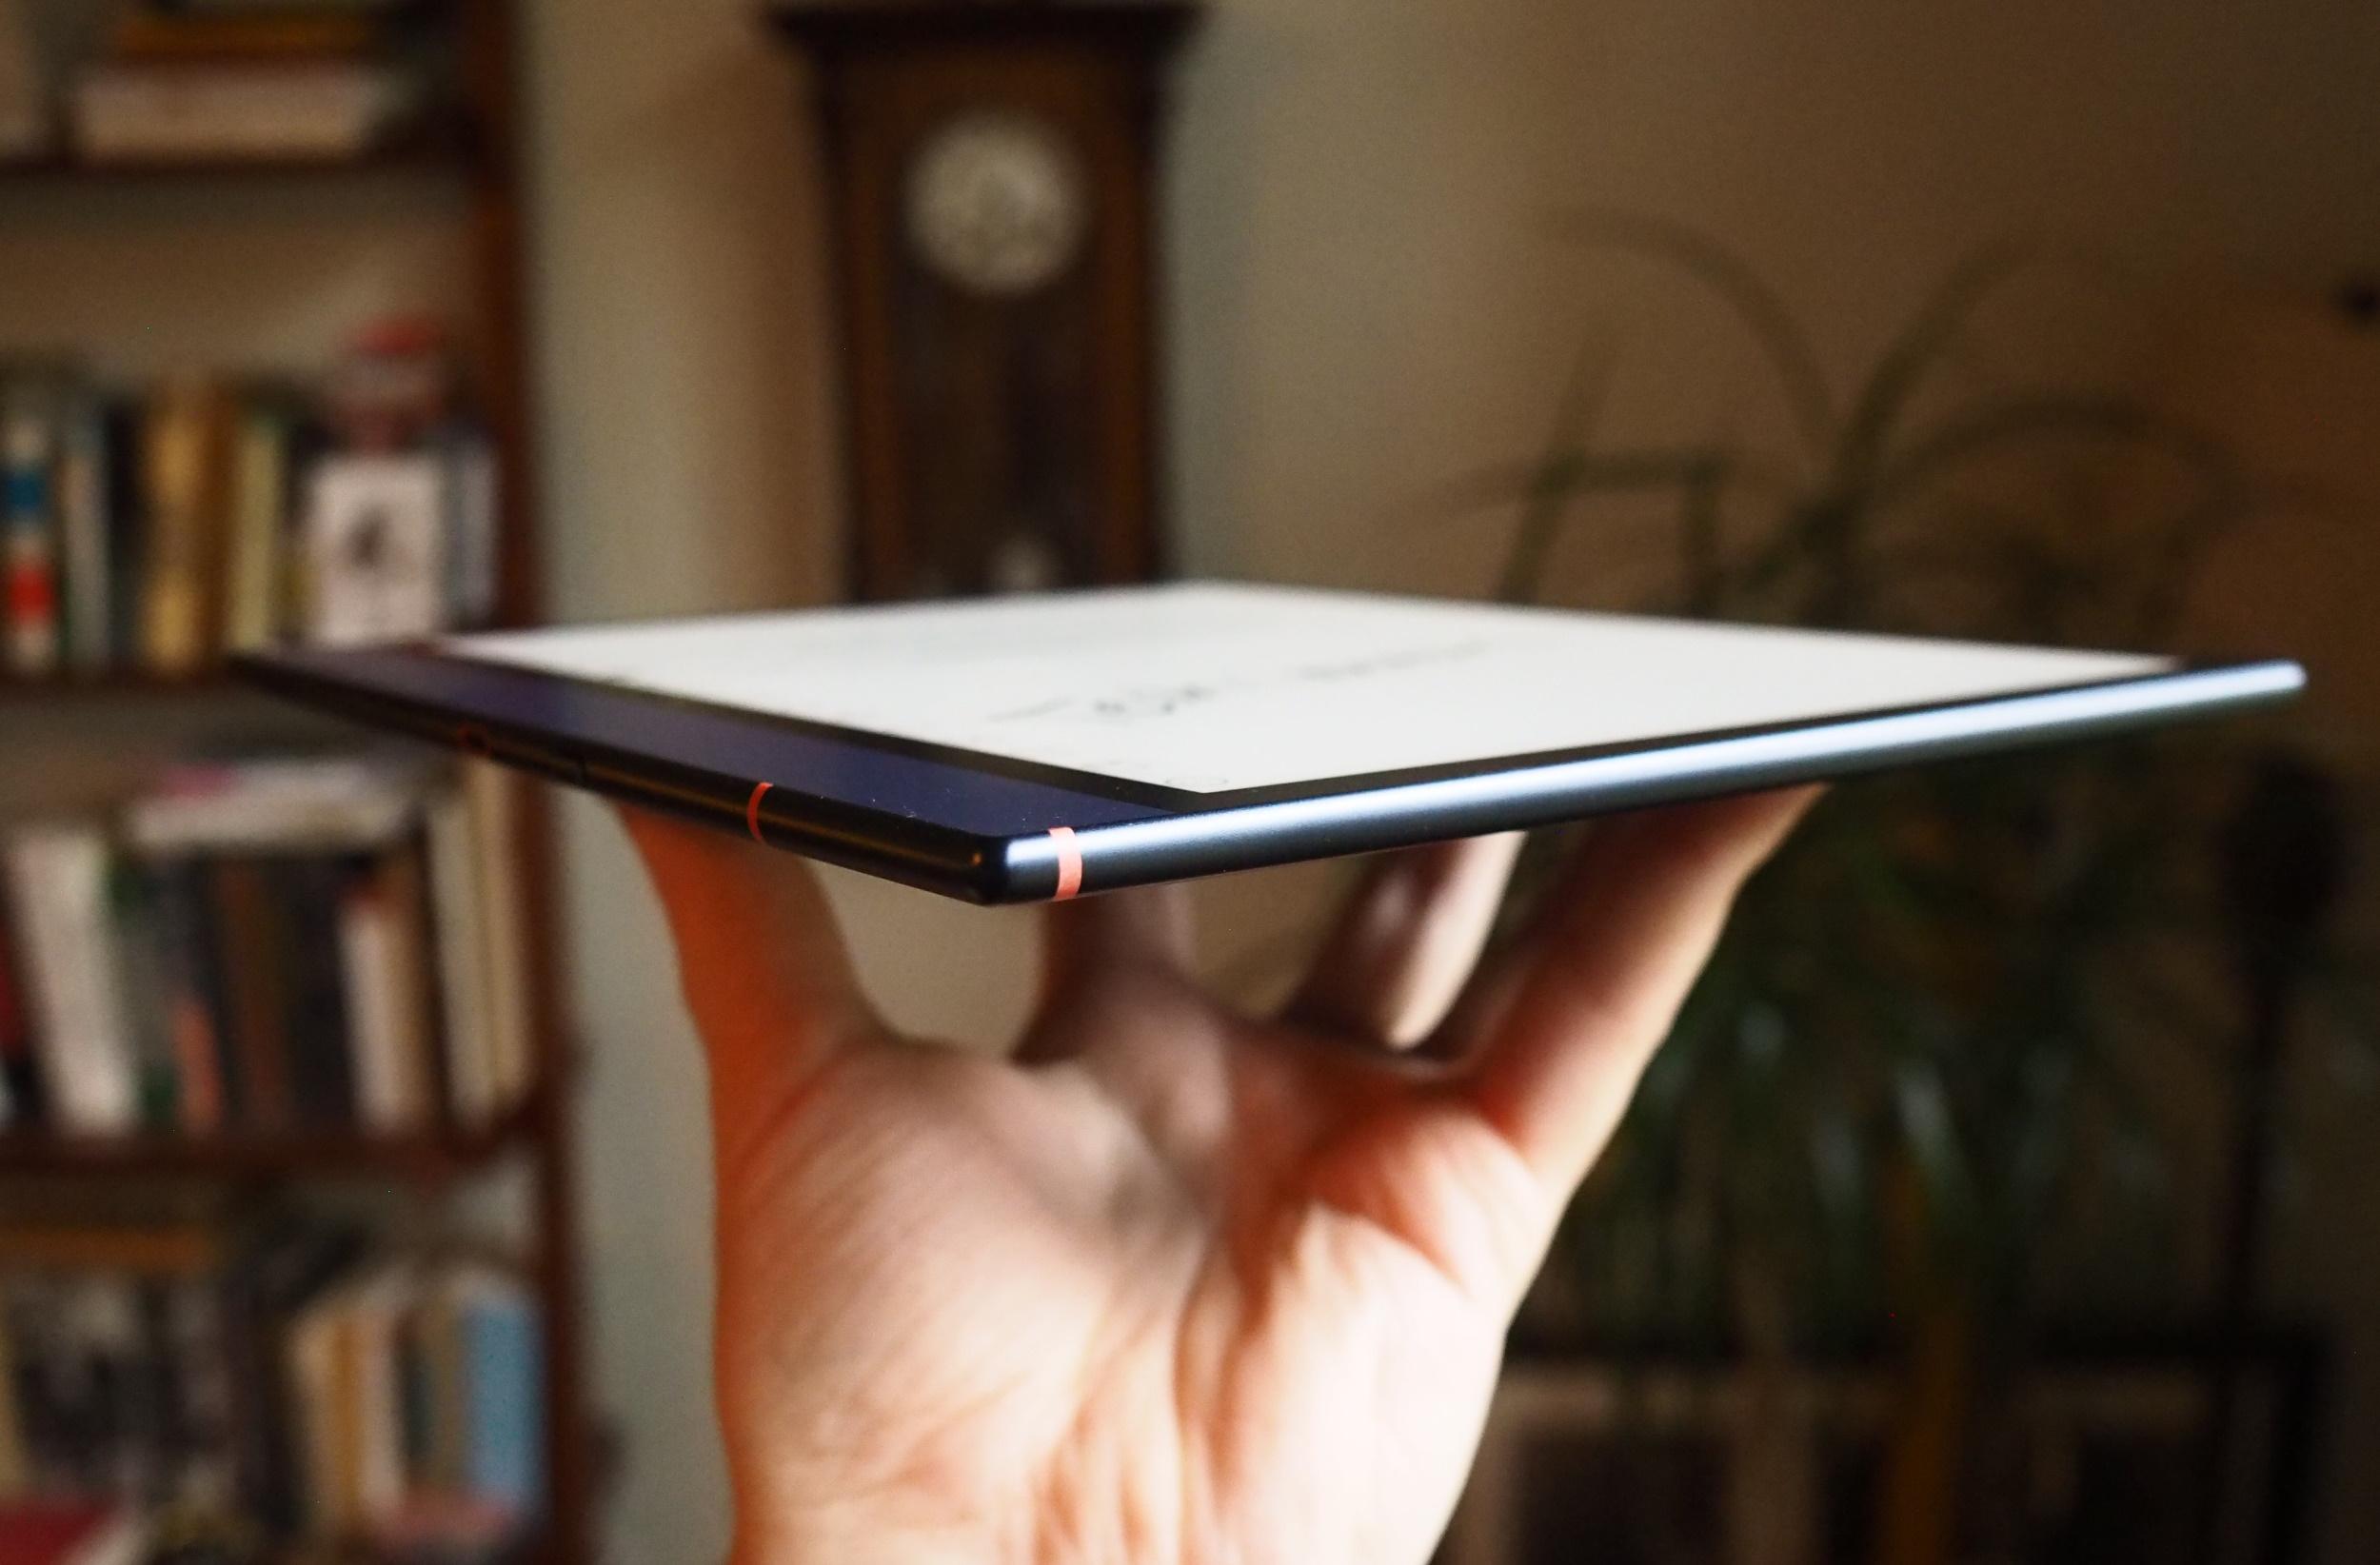 Vista lateral de una tableta que muestra su perfil delgado y acabado metálico.